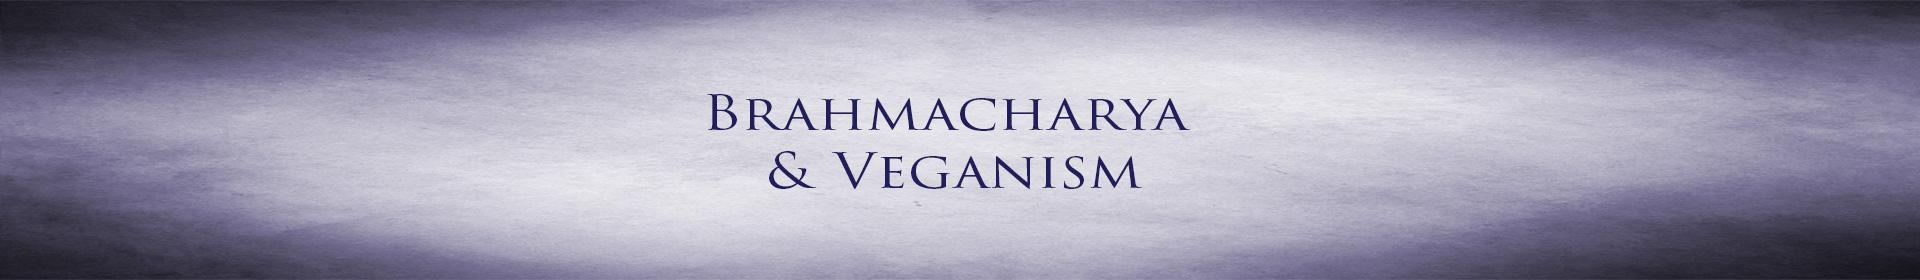 Brahmacharya and Veganism